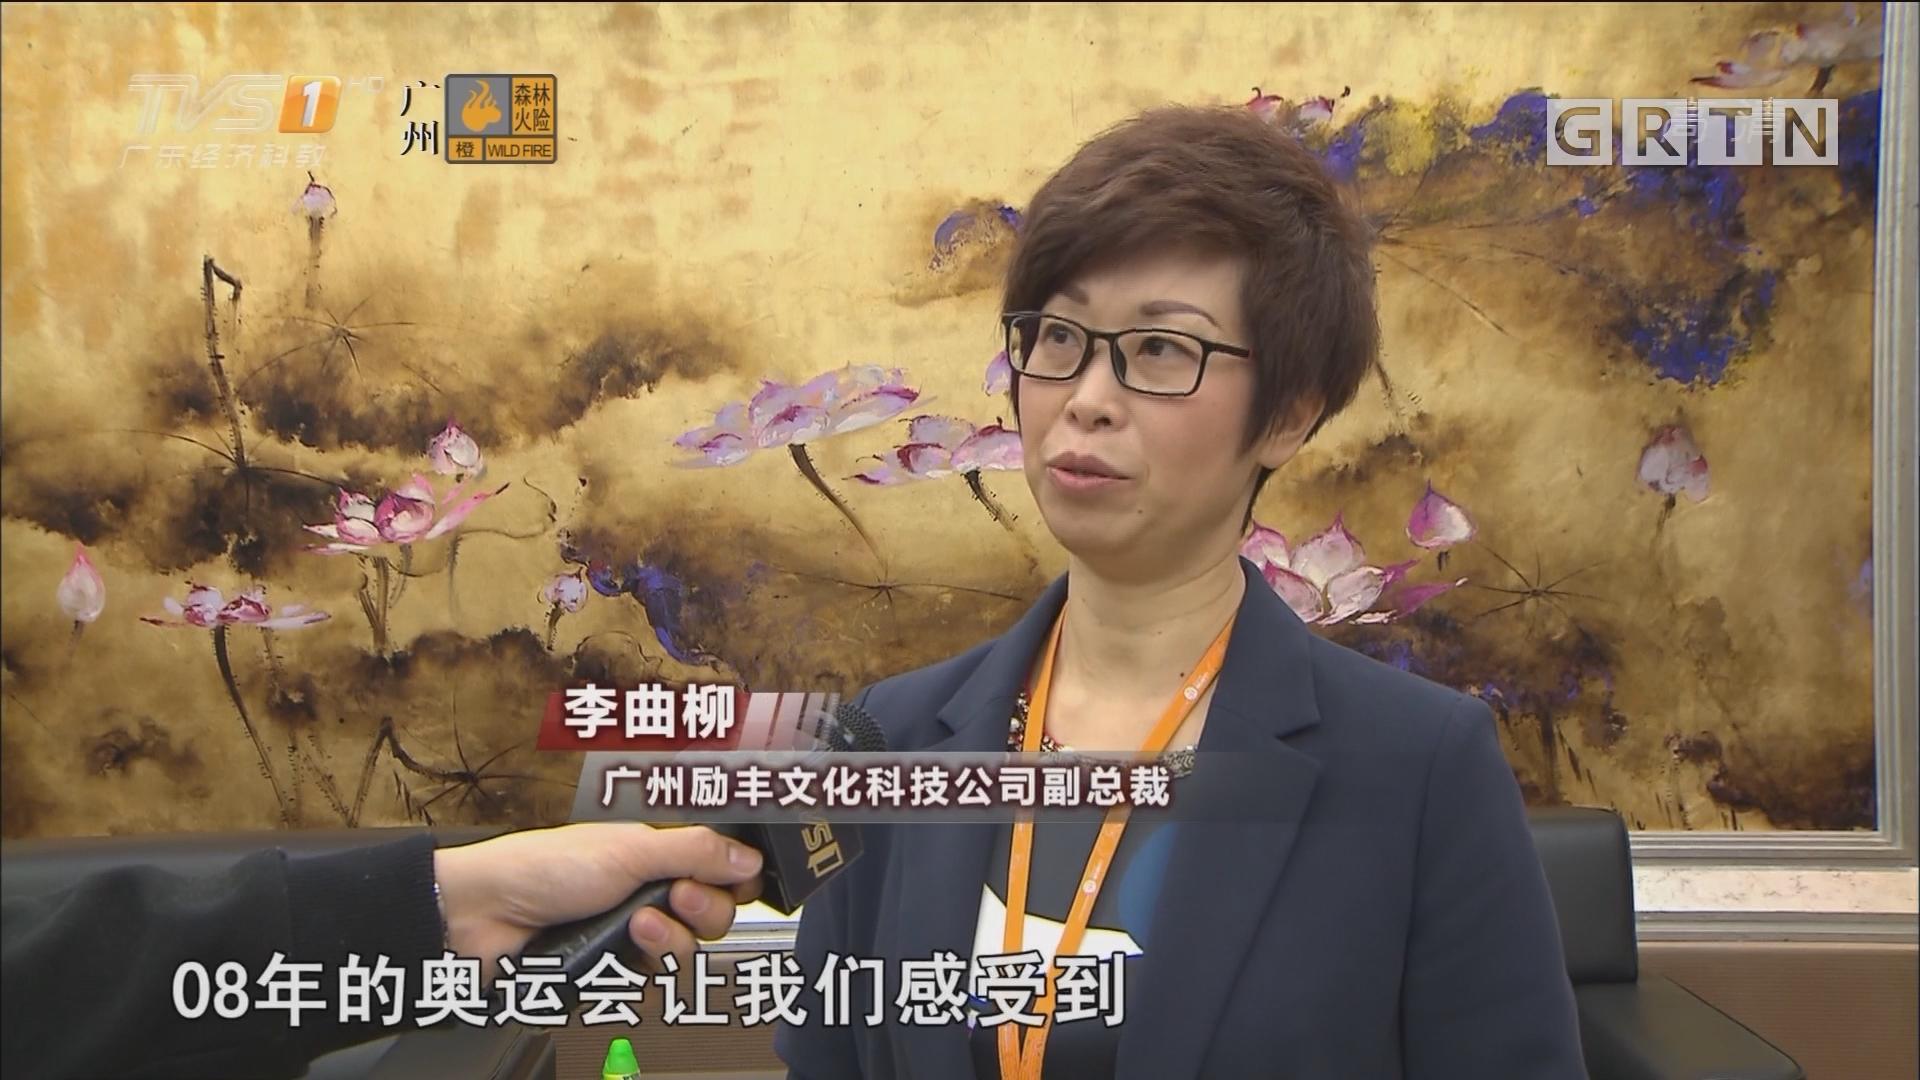 广州黄埔开发区 用智慧改变世界